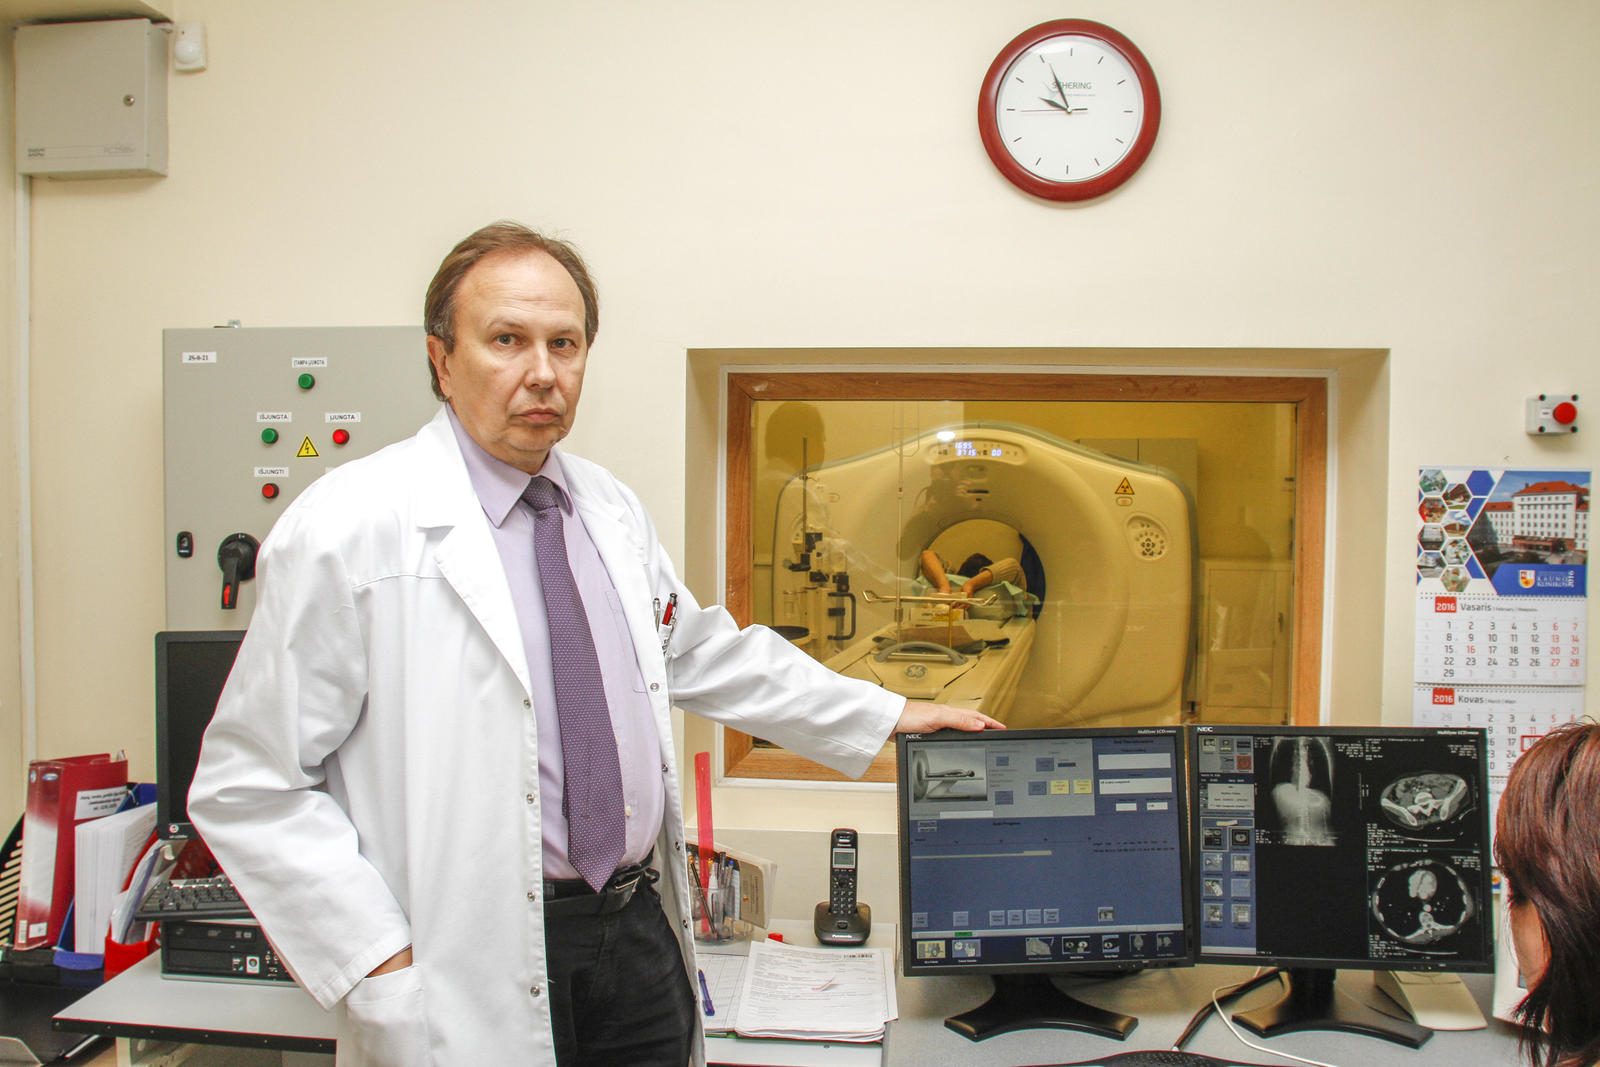 Baltijos amerikos klinika kompiuterine tomografija